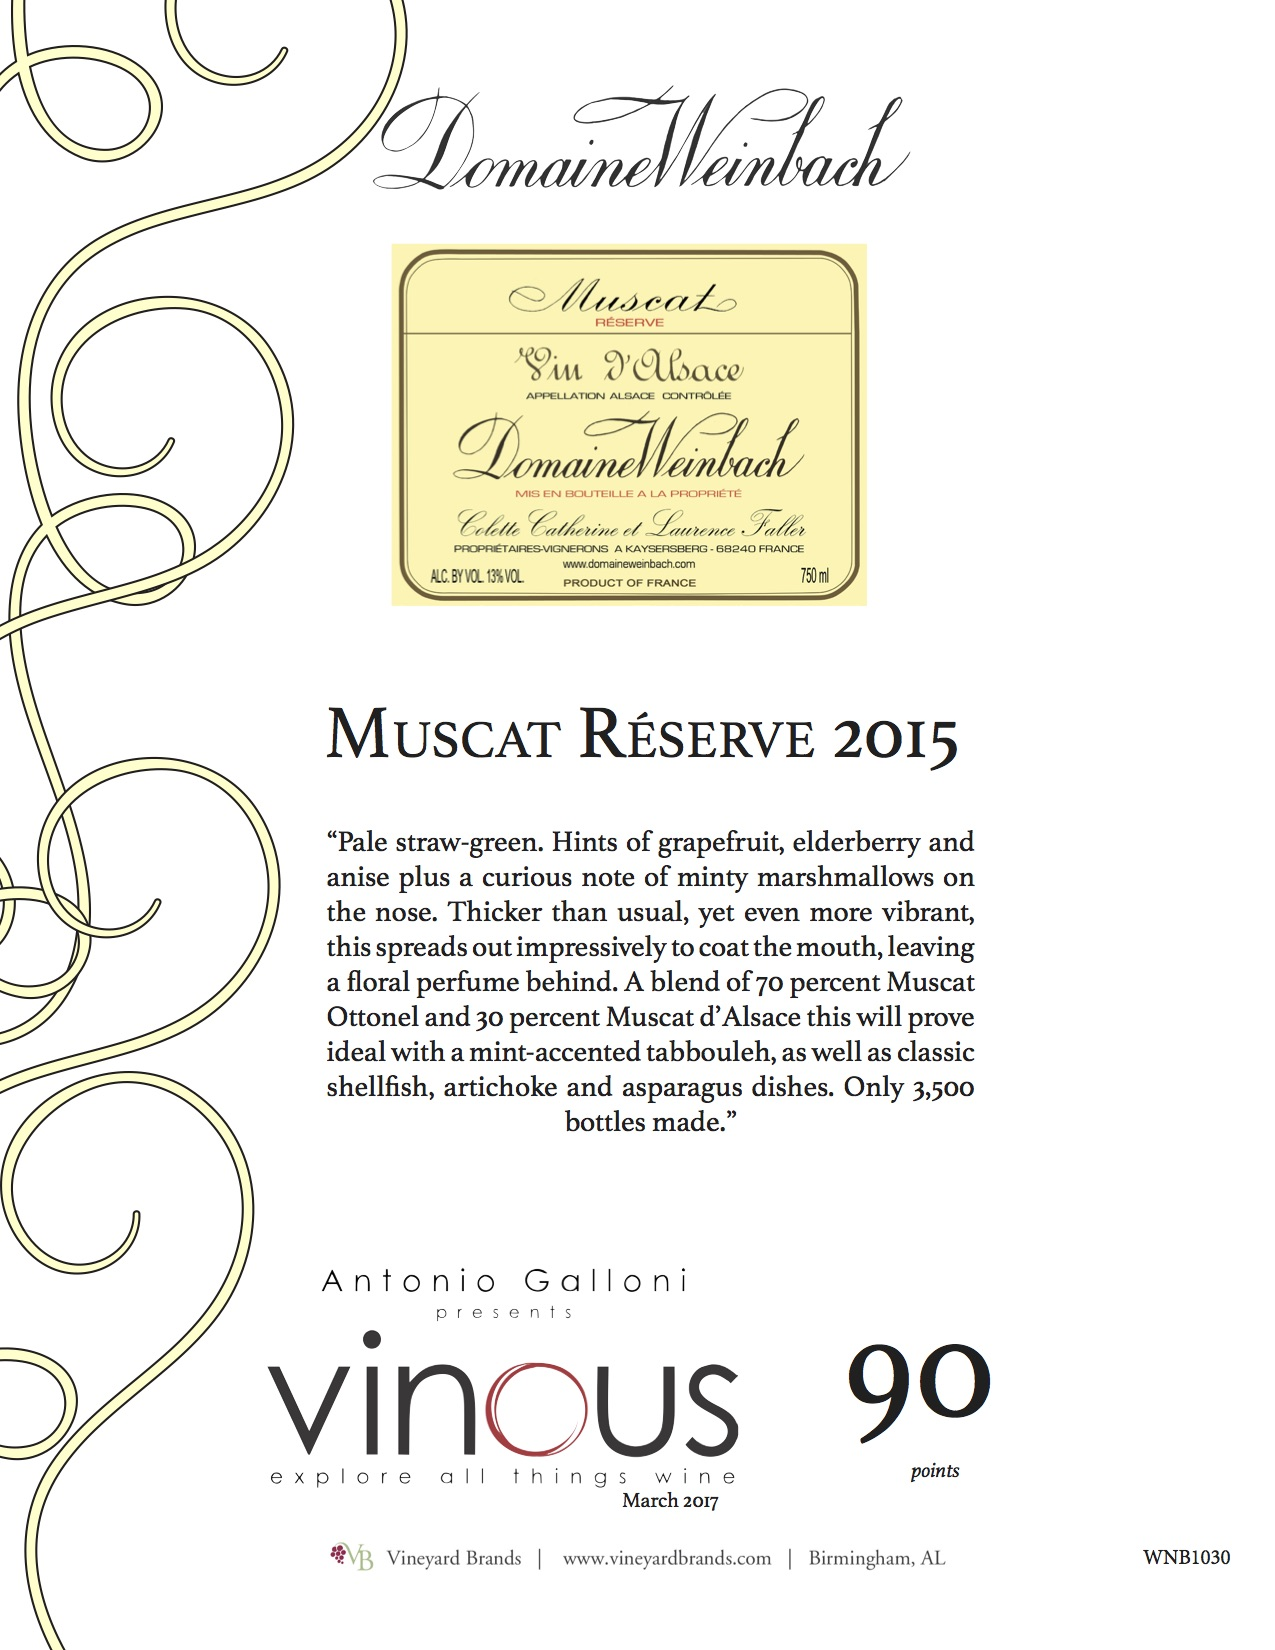 Weinbach Muscat Reserve 2015.jpg